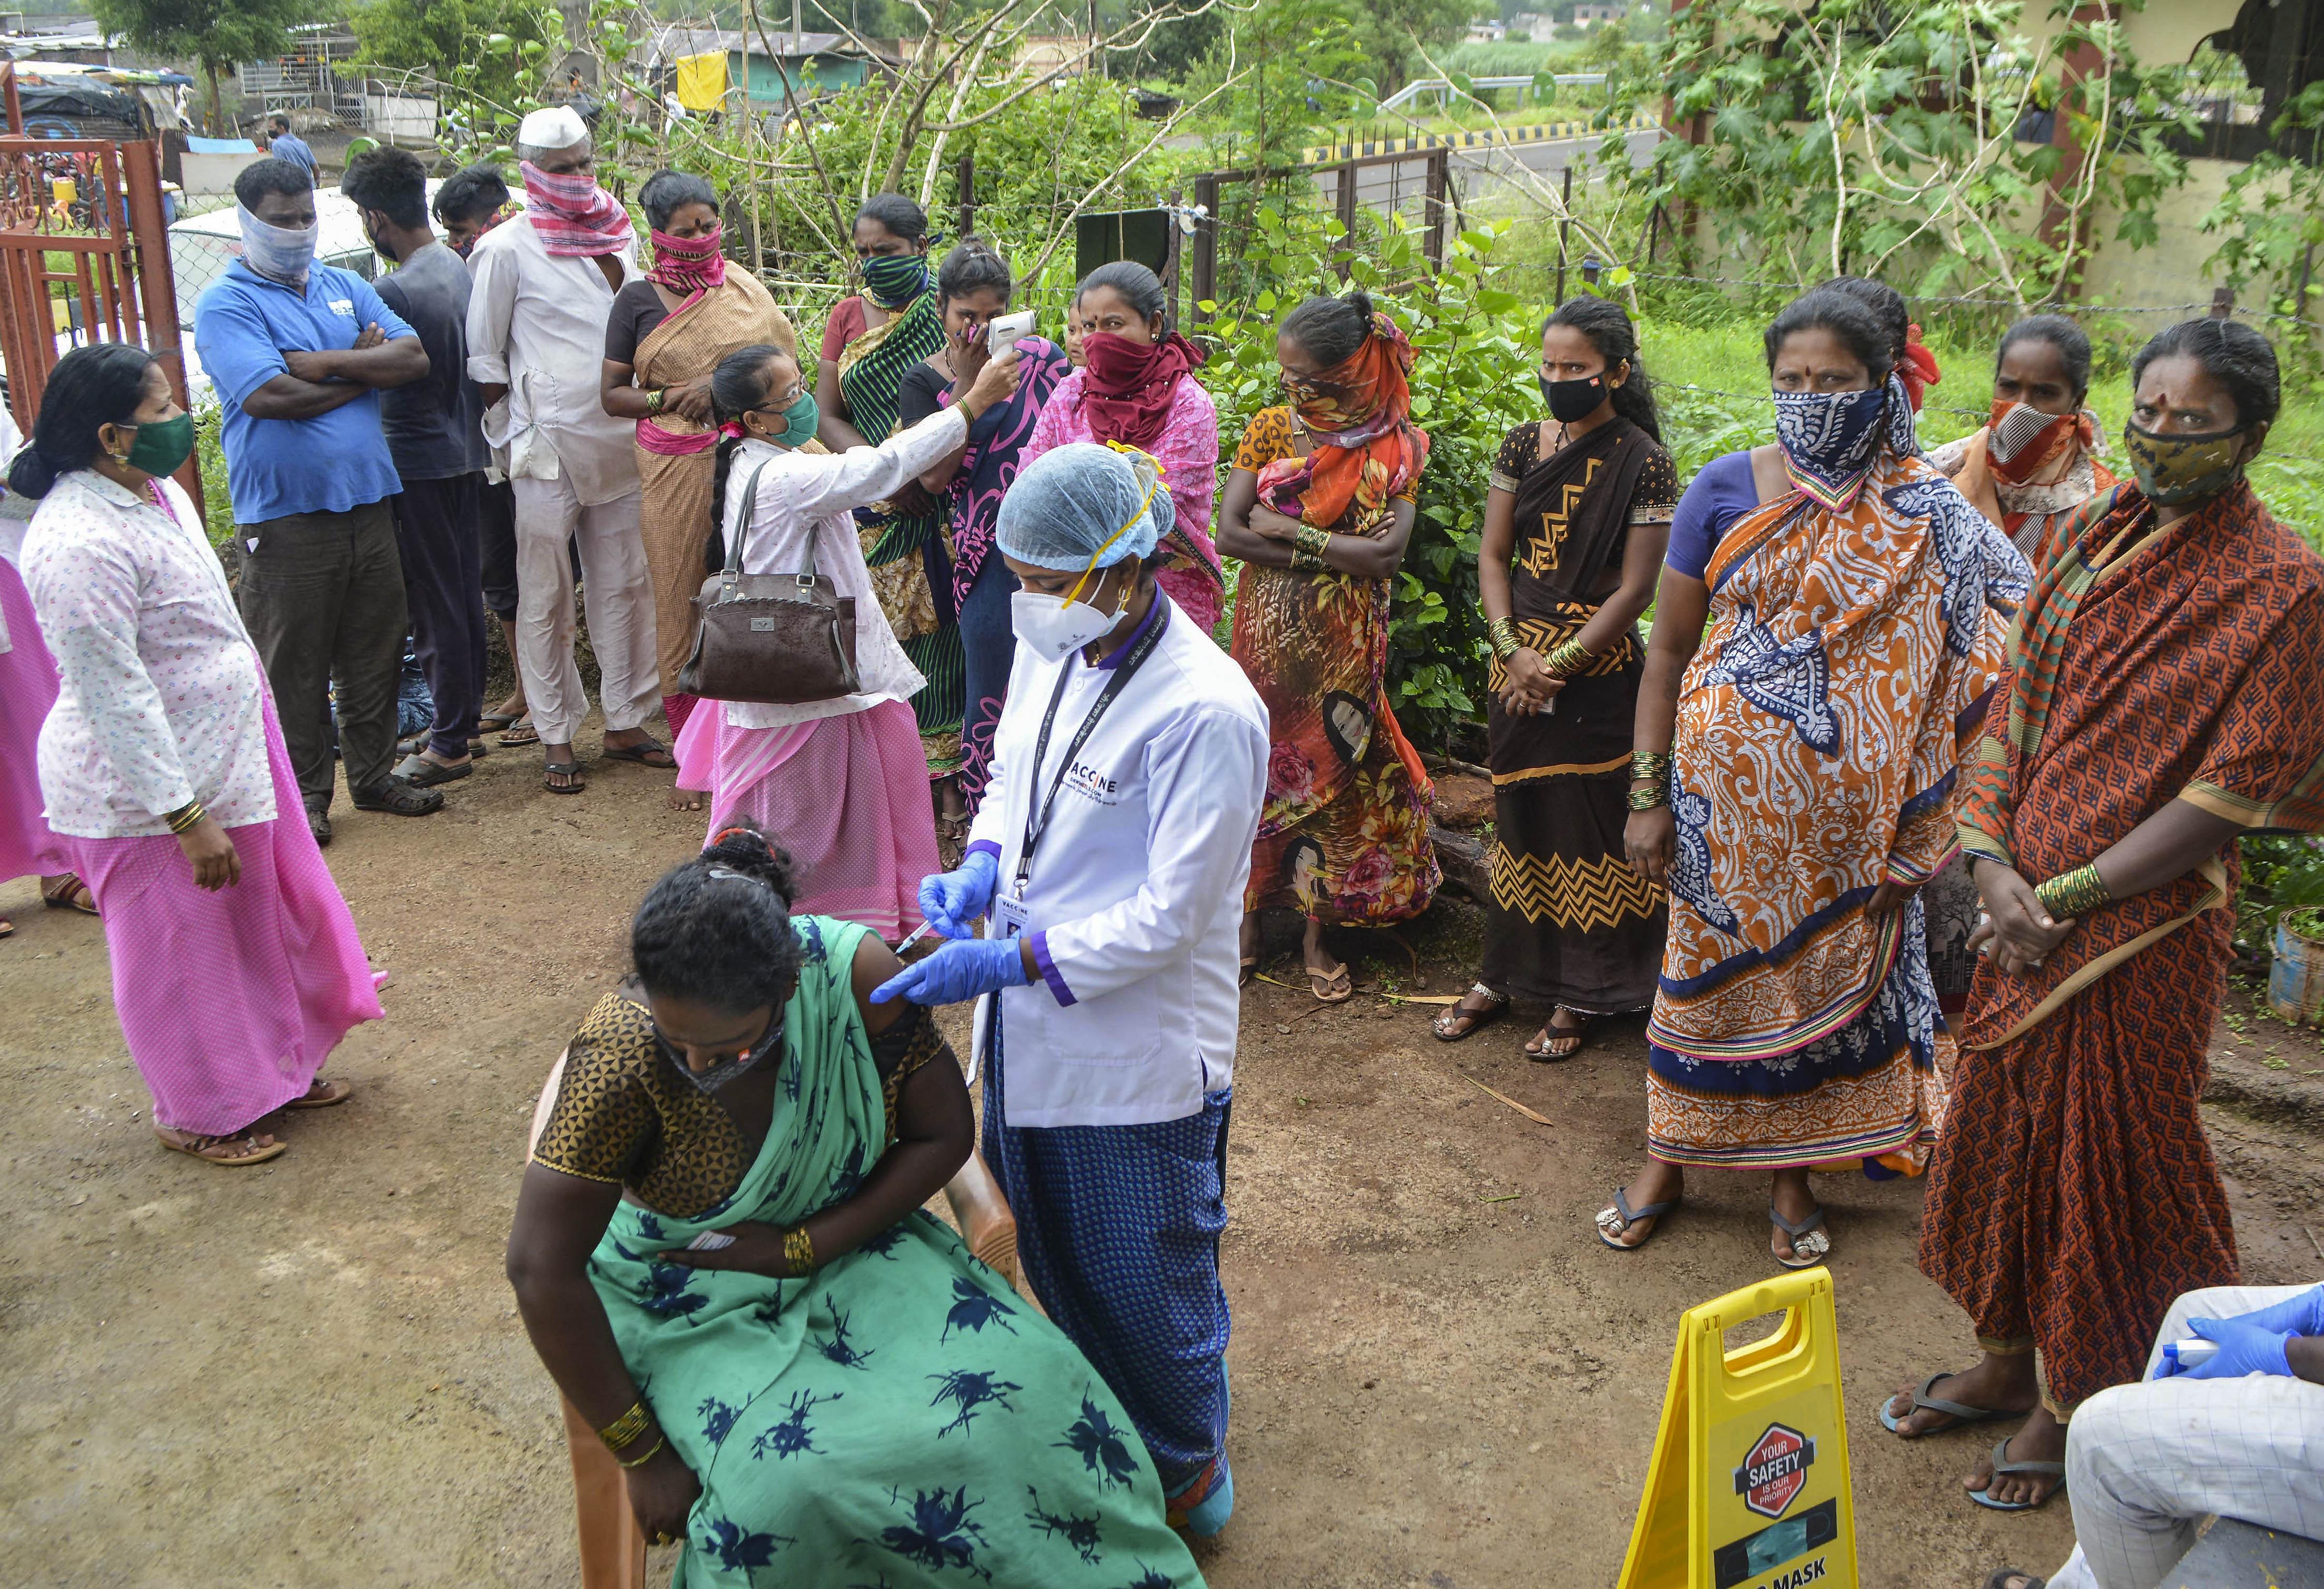 महाराष्ट्र के कराड में स्क्रैप कलेक्ट करने वाली महिलाओं को वैक्सीन लगाने के लिए कैंप लगाया गया।